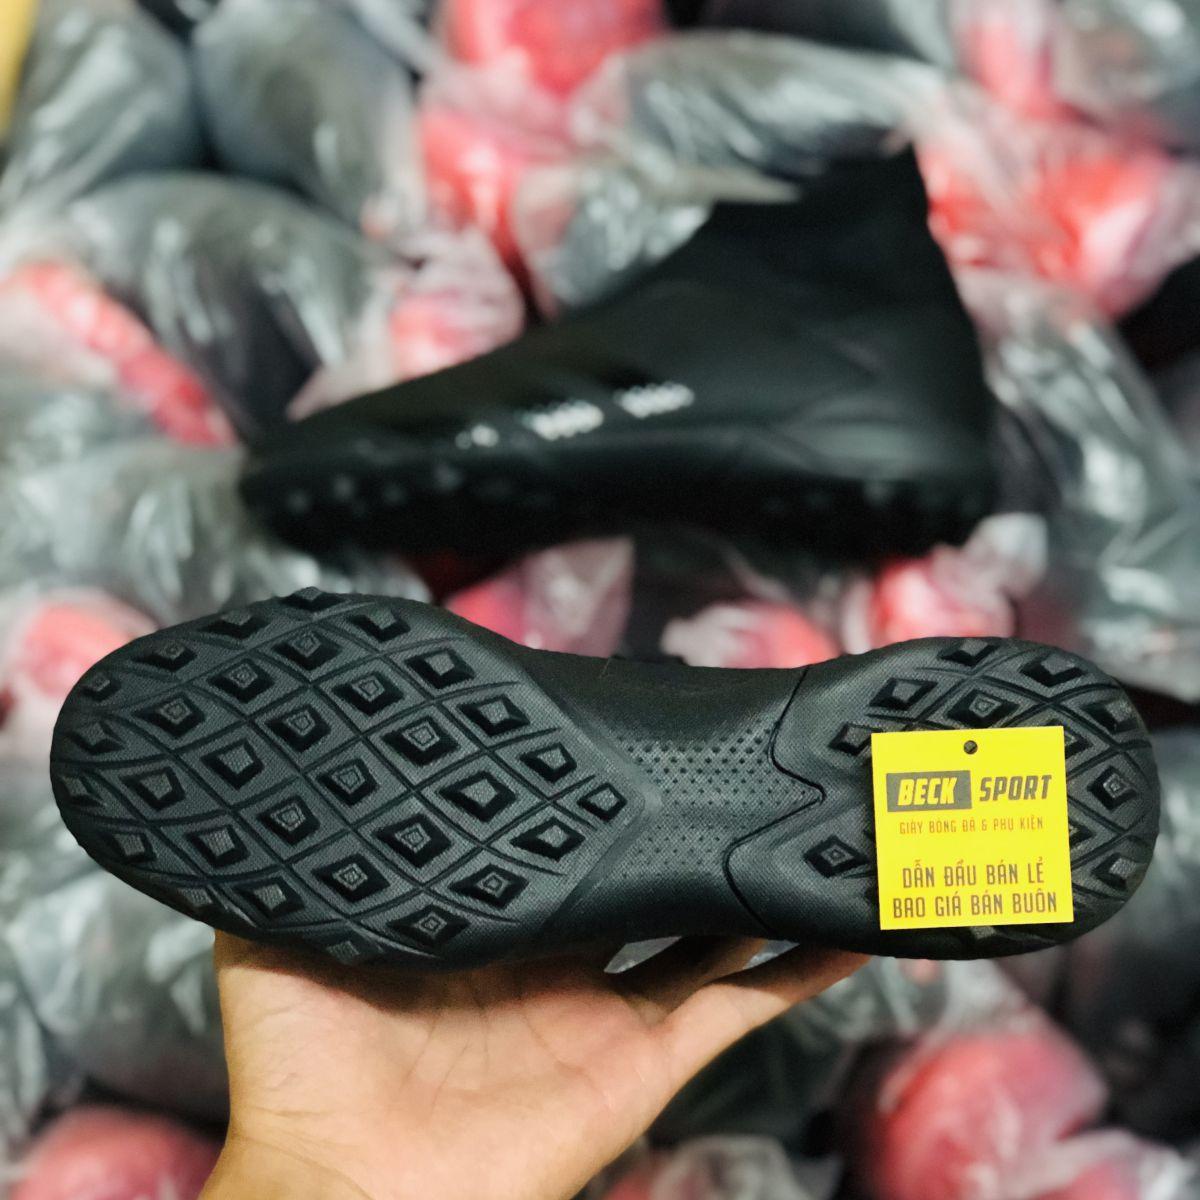 Giày Bóng Đá Adidas Predator 20.3 LL Đen Tuyền Không Dây Cao Cổ TF